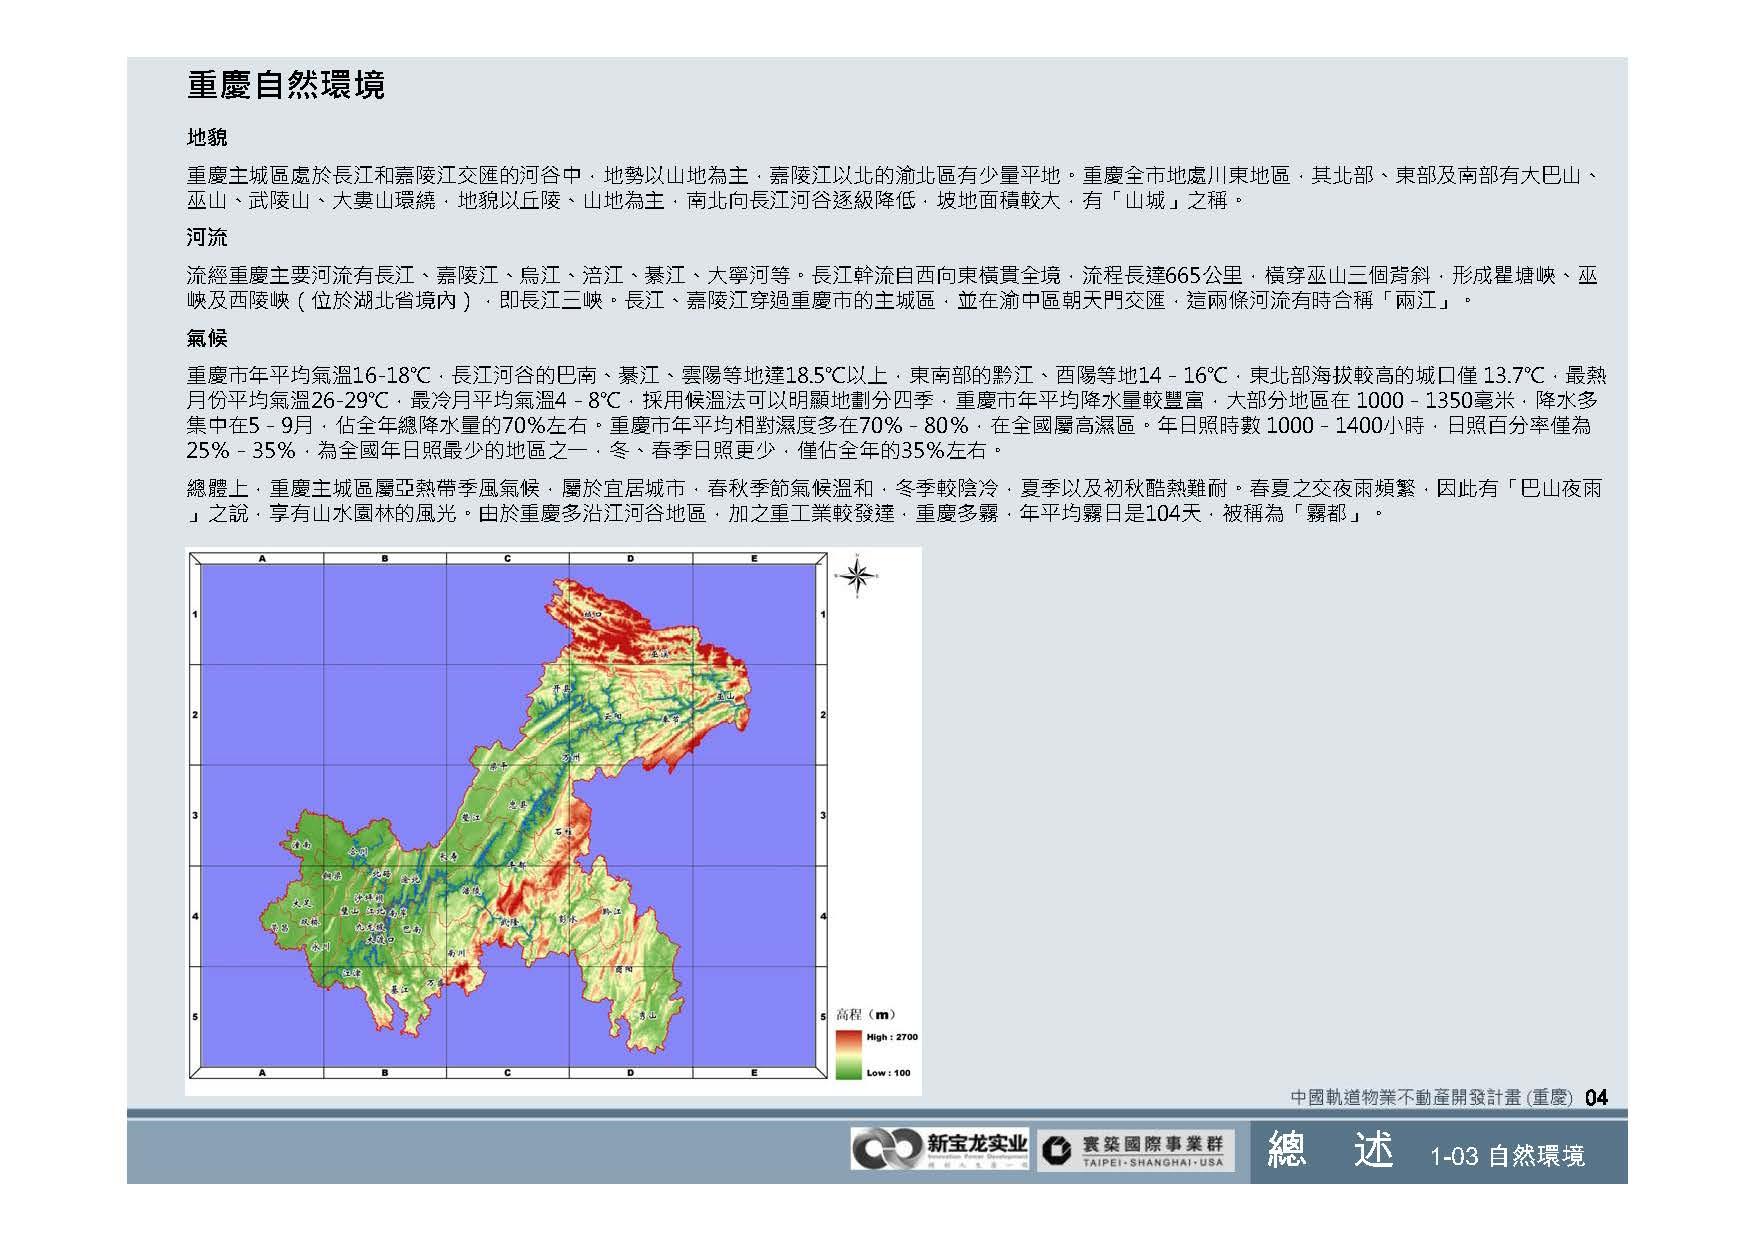 20100812-中國軌道物業不動產開發計畫(重慶)_頁面_05